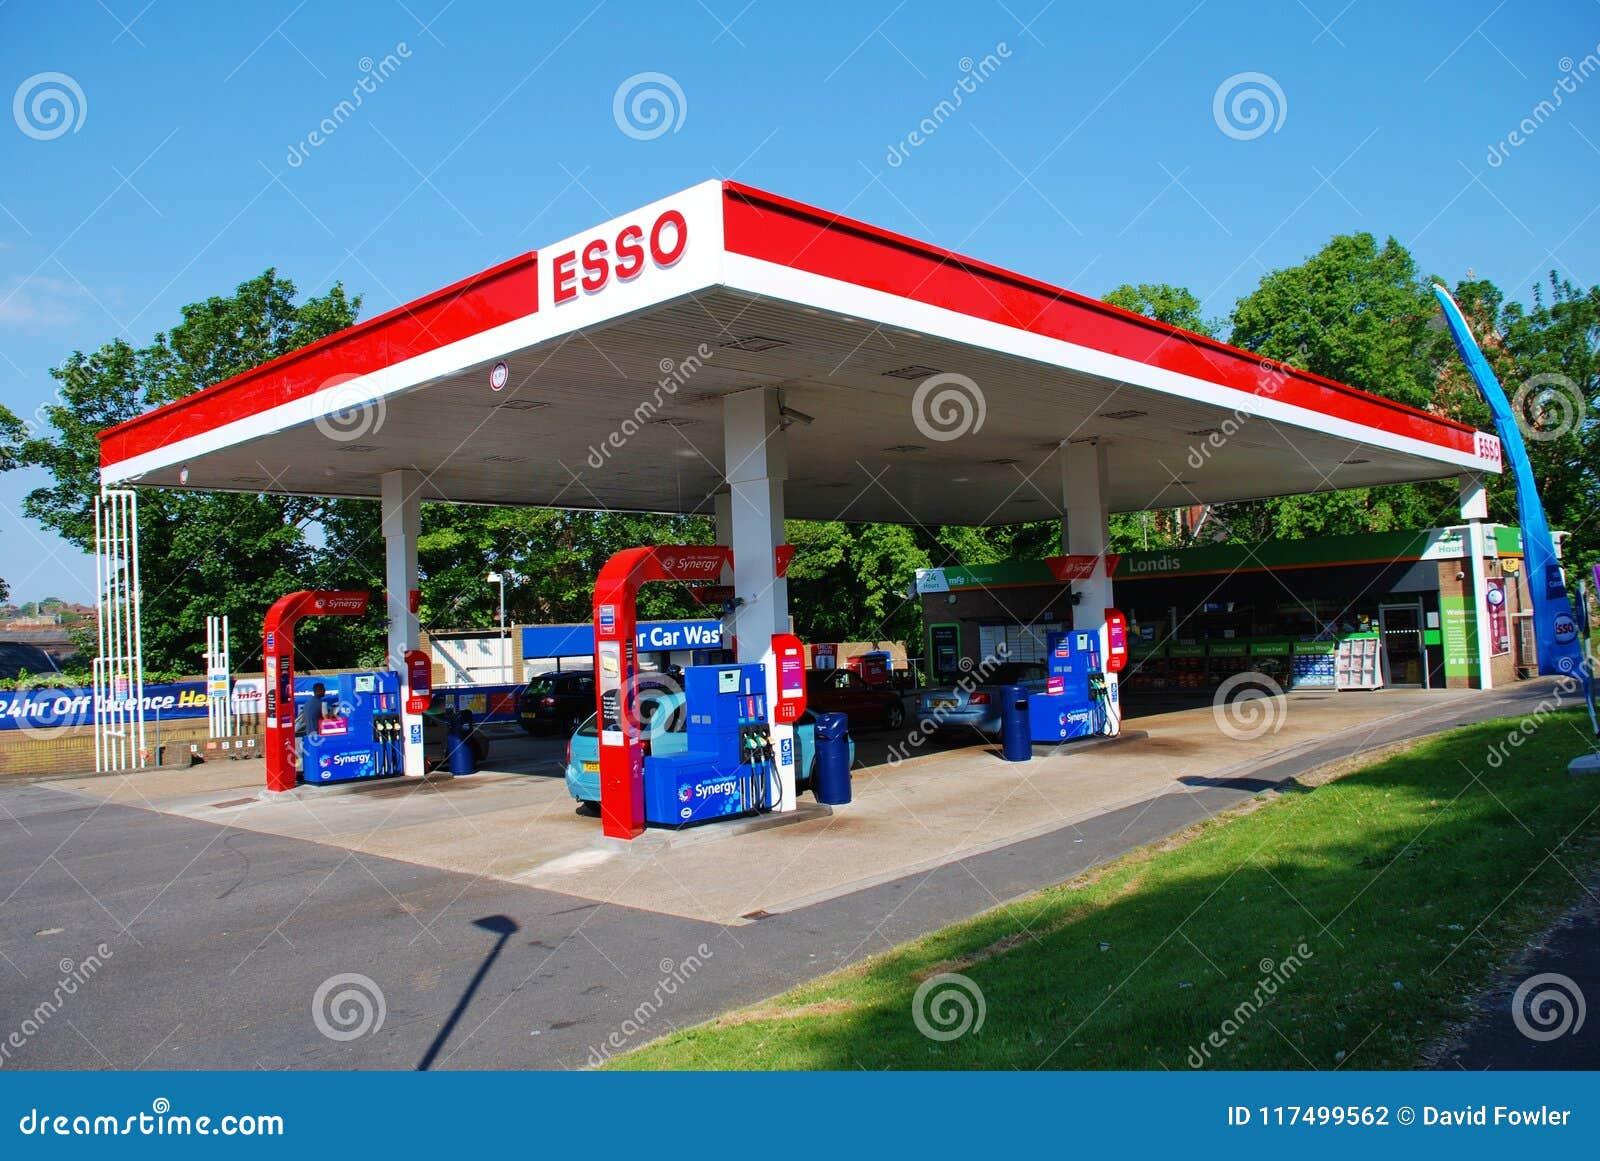 Esso petrol station, England